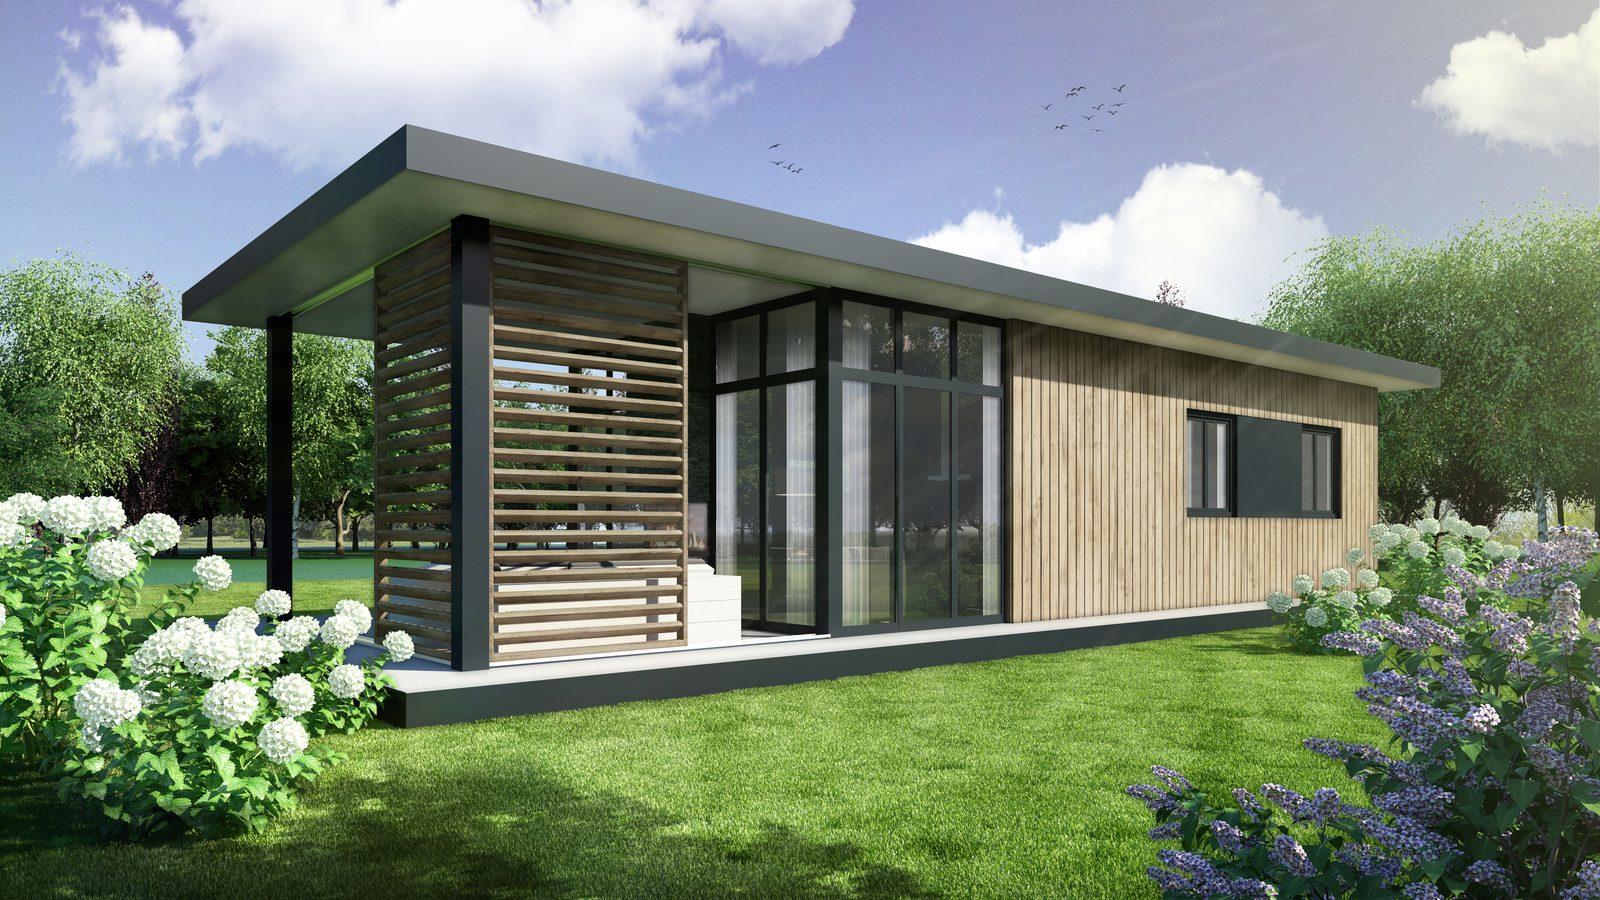 Voortse villa luxe vakantiehuis via chalet-kopen.com op de veluwe